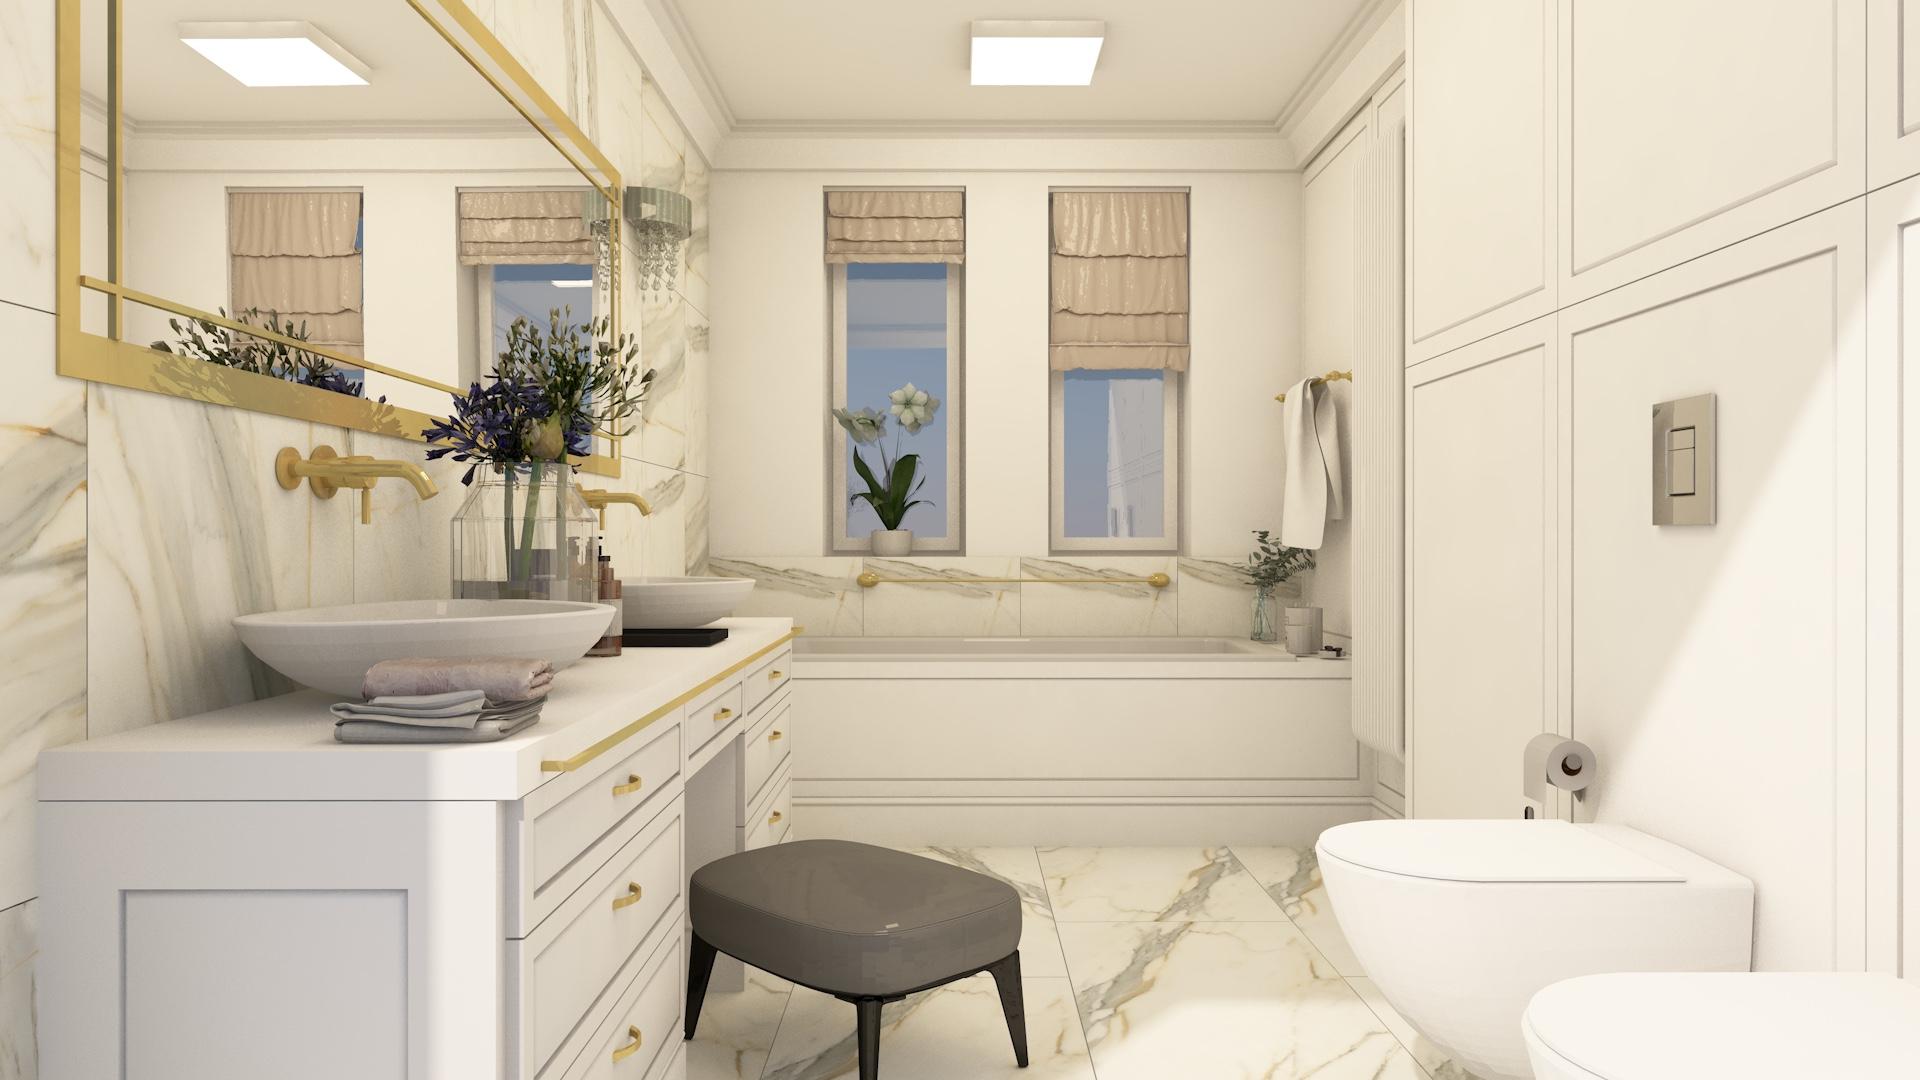 Projekt wnętrza jasnej łazienki w stylu klasycznym ze złotymi elementami i sztukaterią